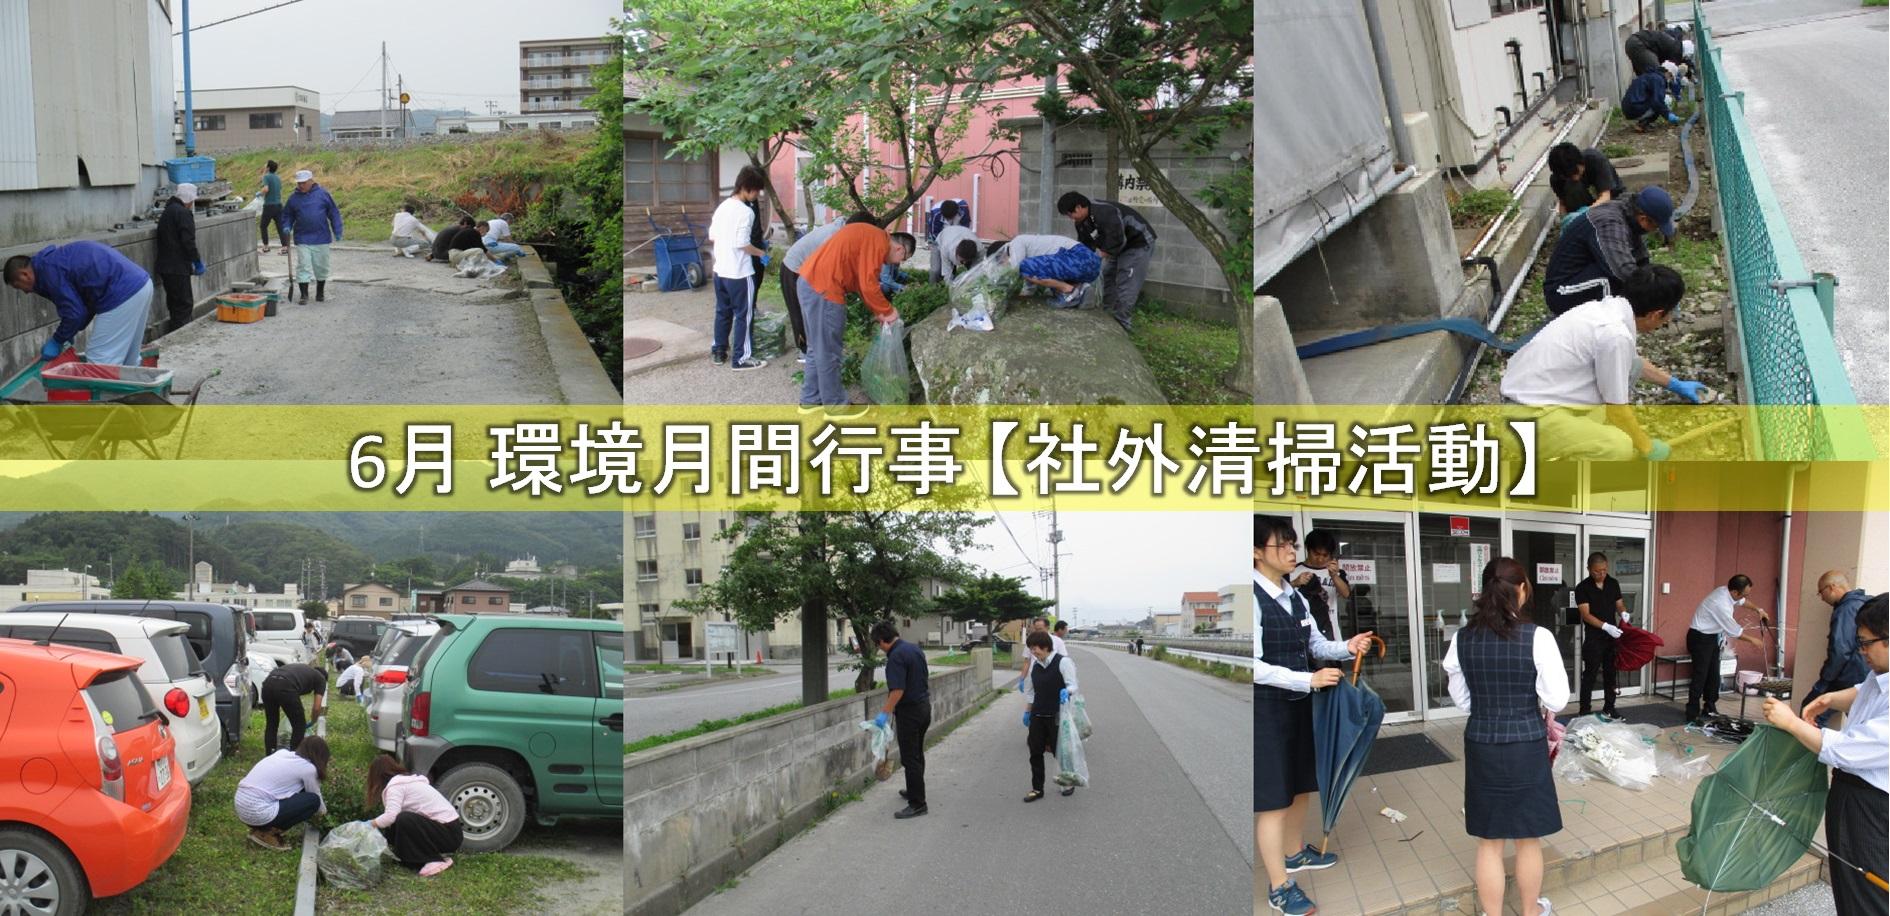 6/26 岩手本社周辺 清掃活動を行いました